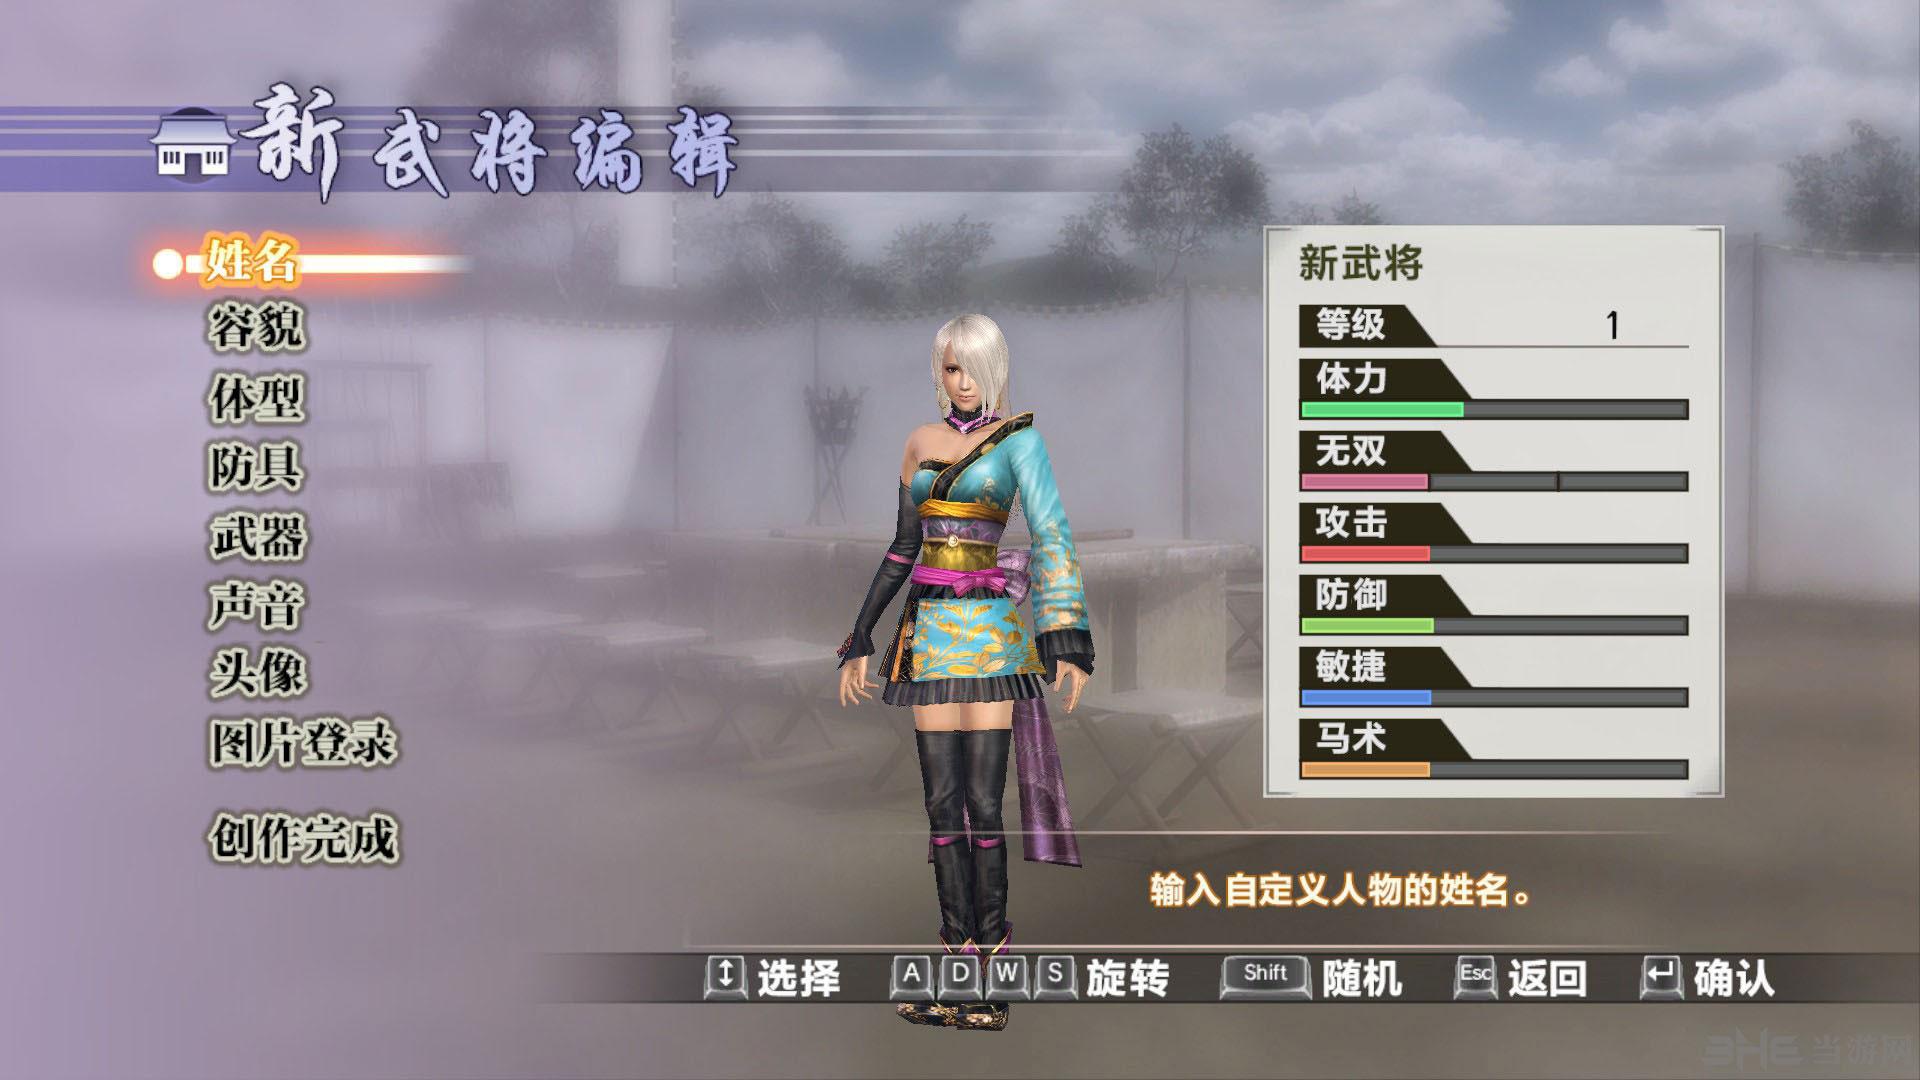 战国无双4-2简体中文汉化补丁V1.8+LMAO汉化补丁截图3